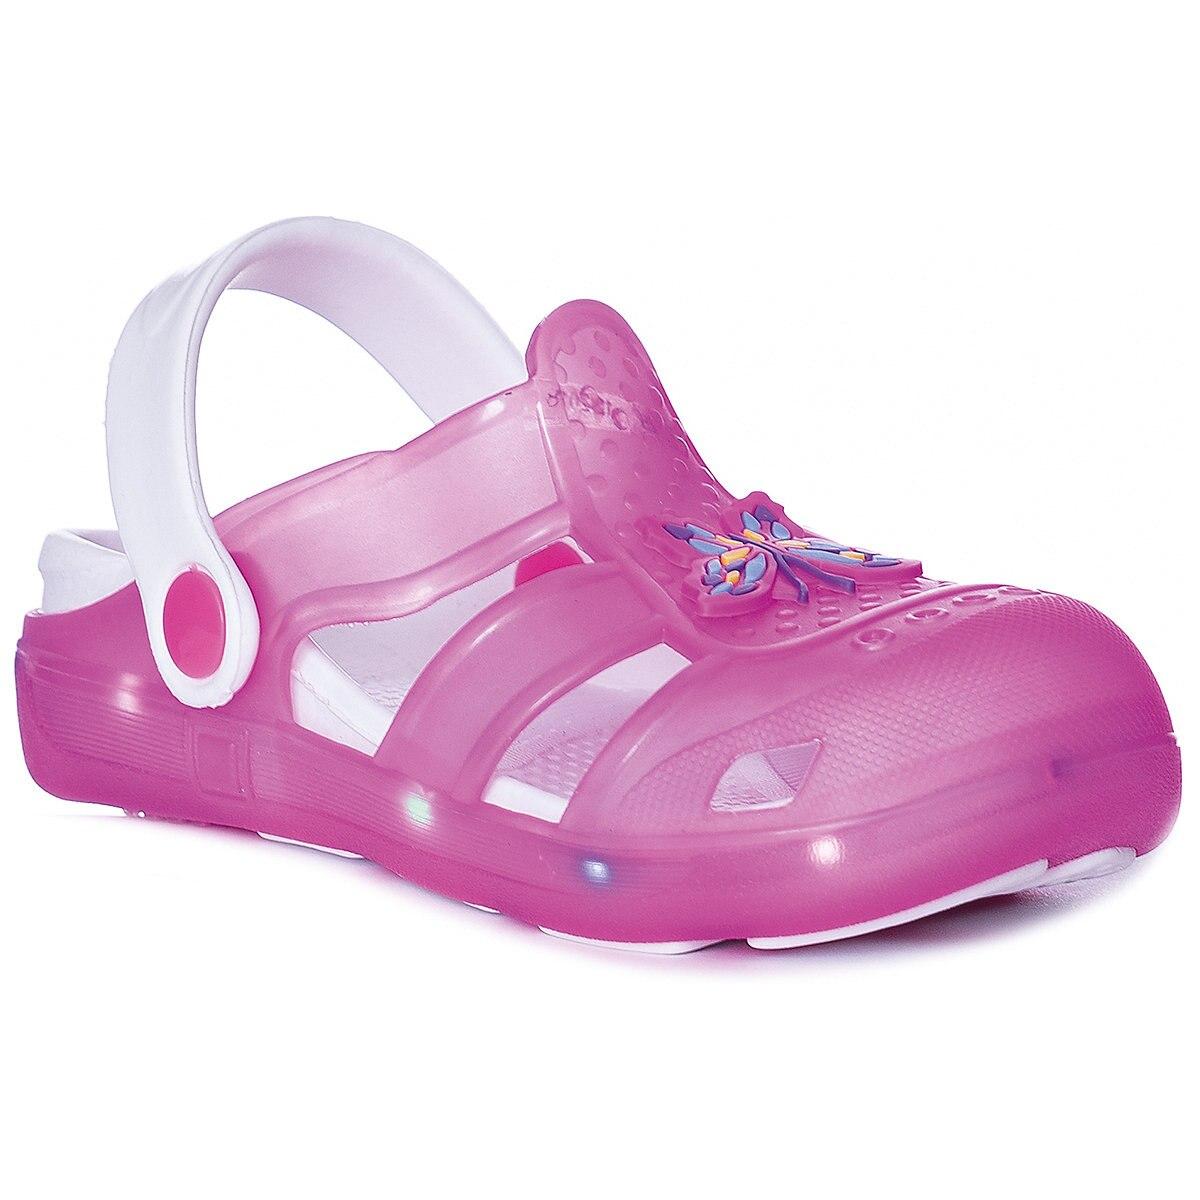 MURSU Sandali 10612049 zoccoli comodi e leggeri per bambini \'s scarpe ragazze e ragazzi MTpromo